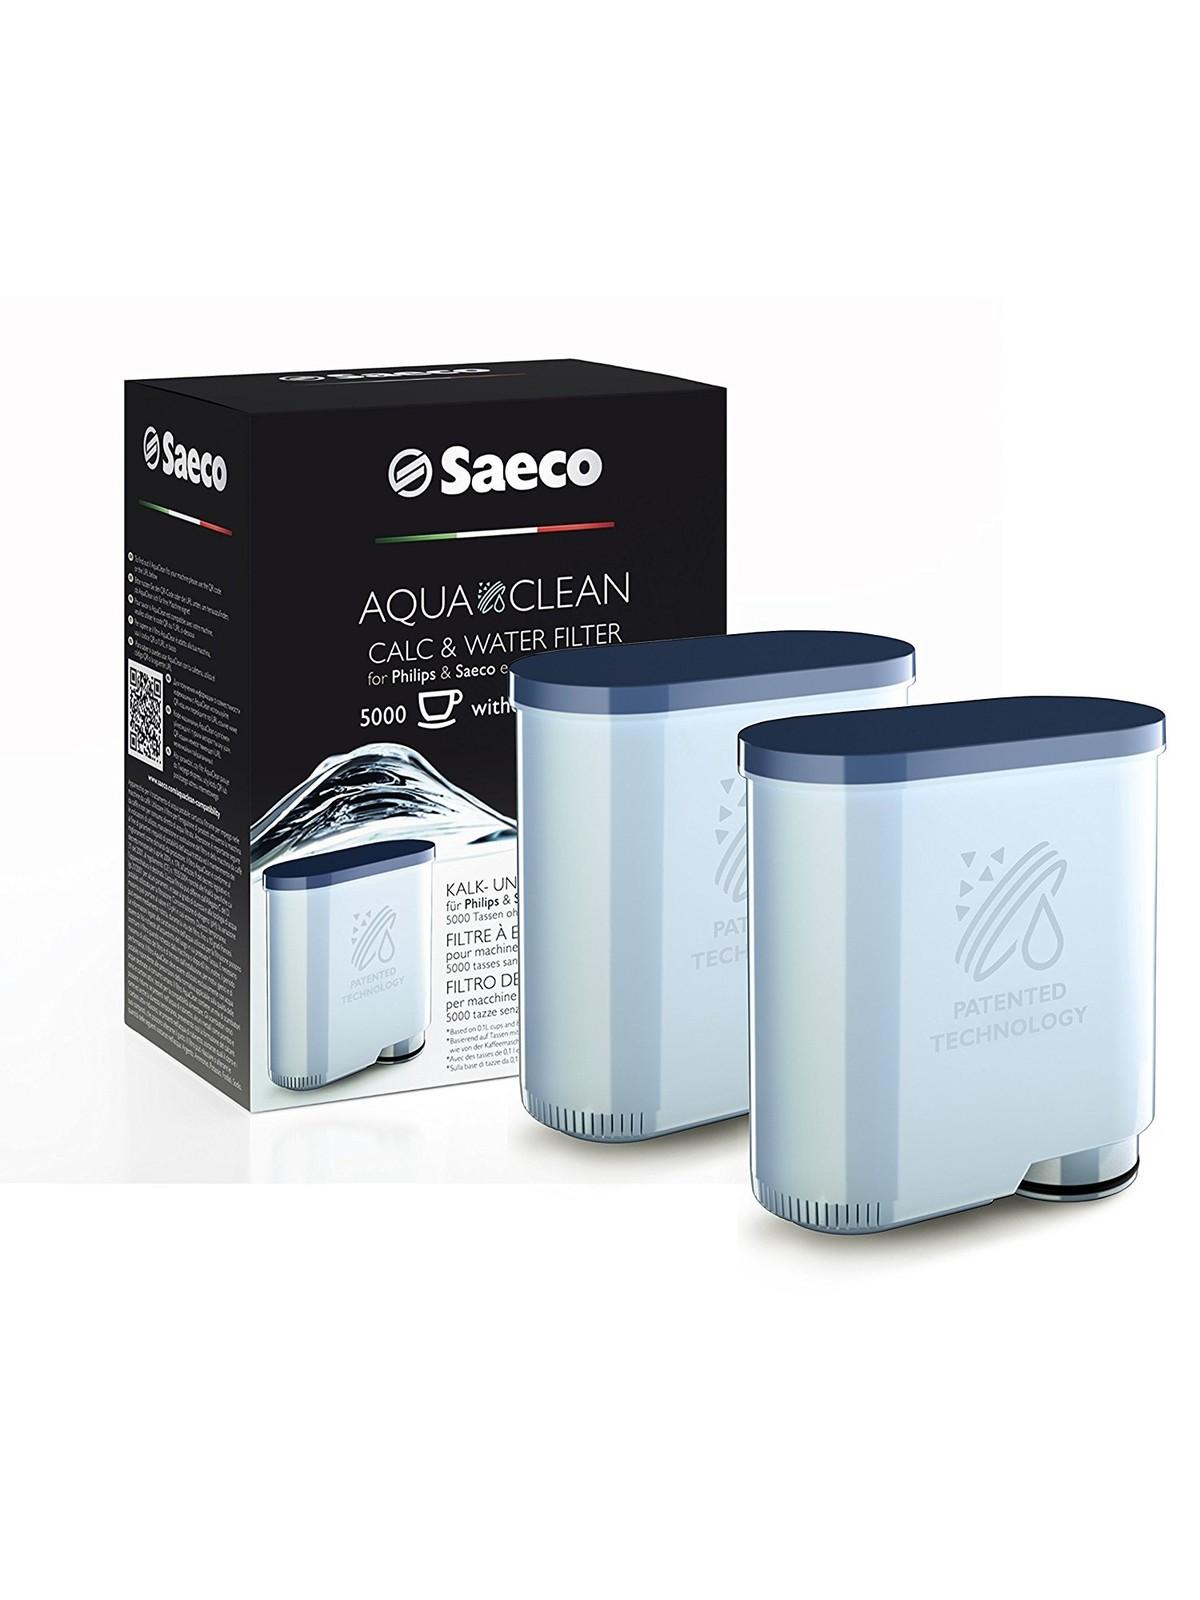 SAECO AquaClean Waterfilter - 2 stuks